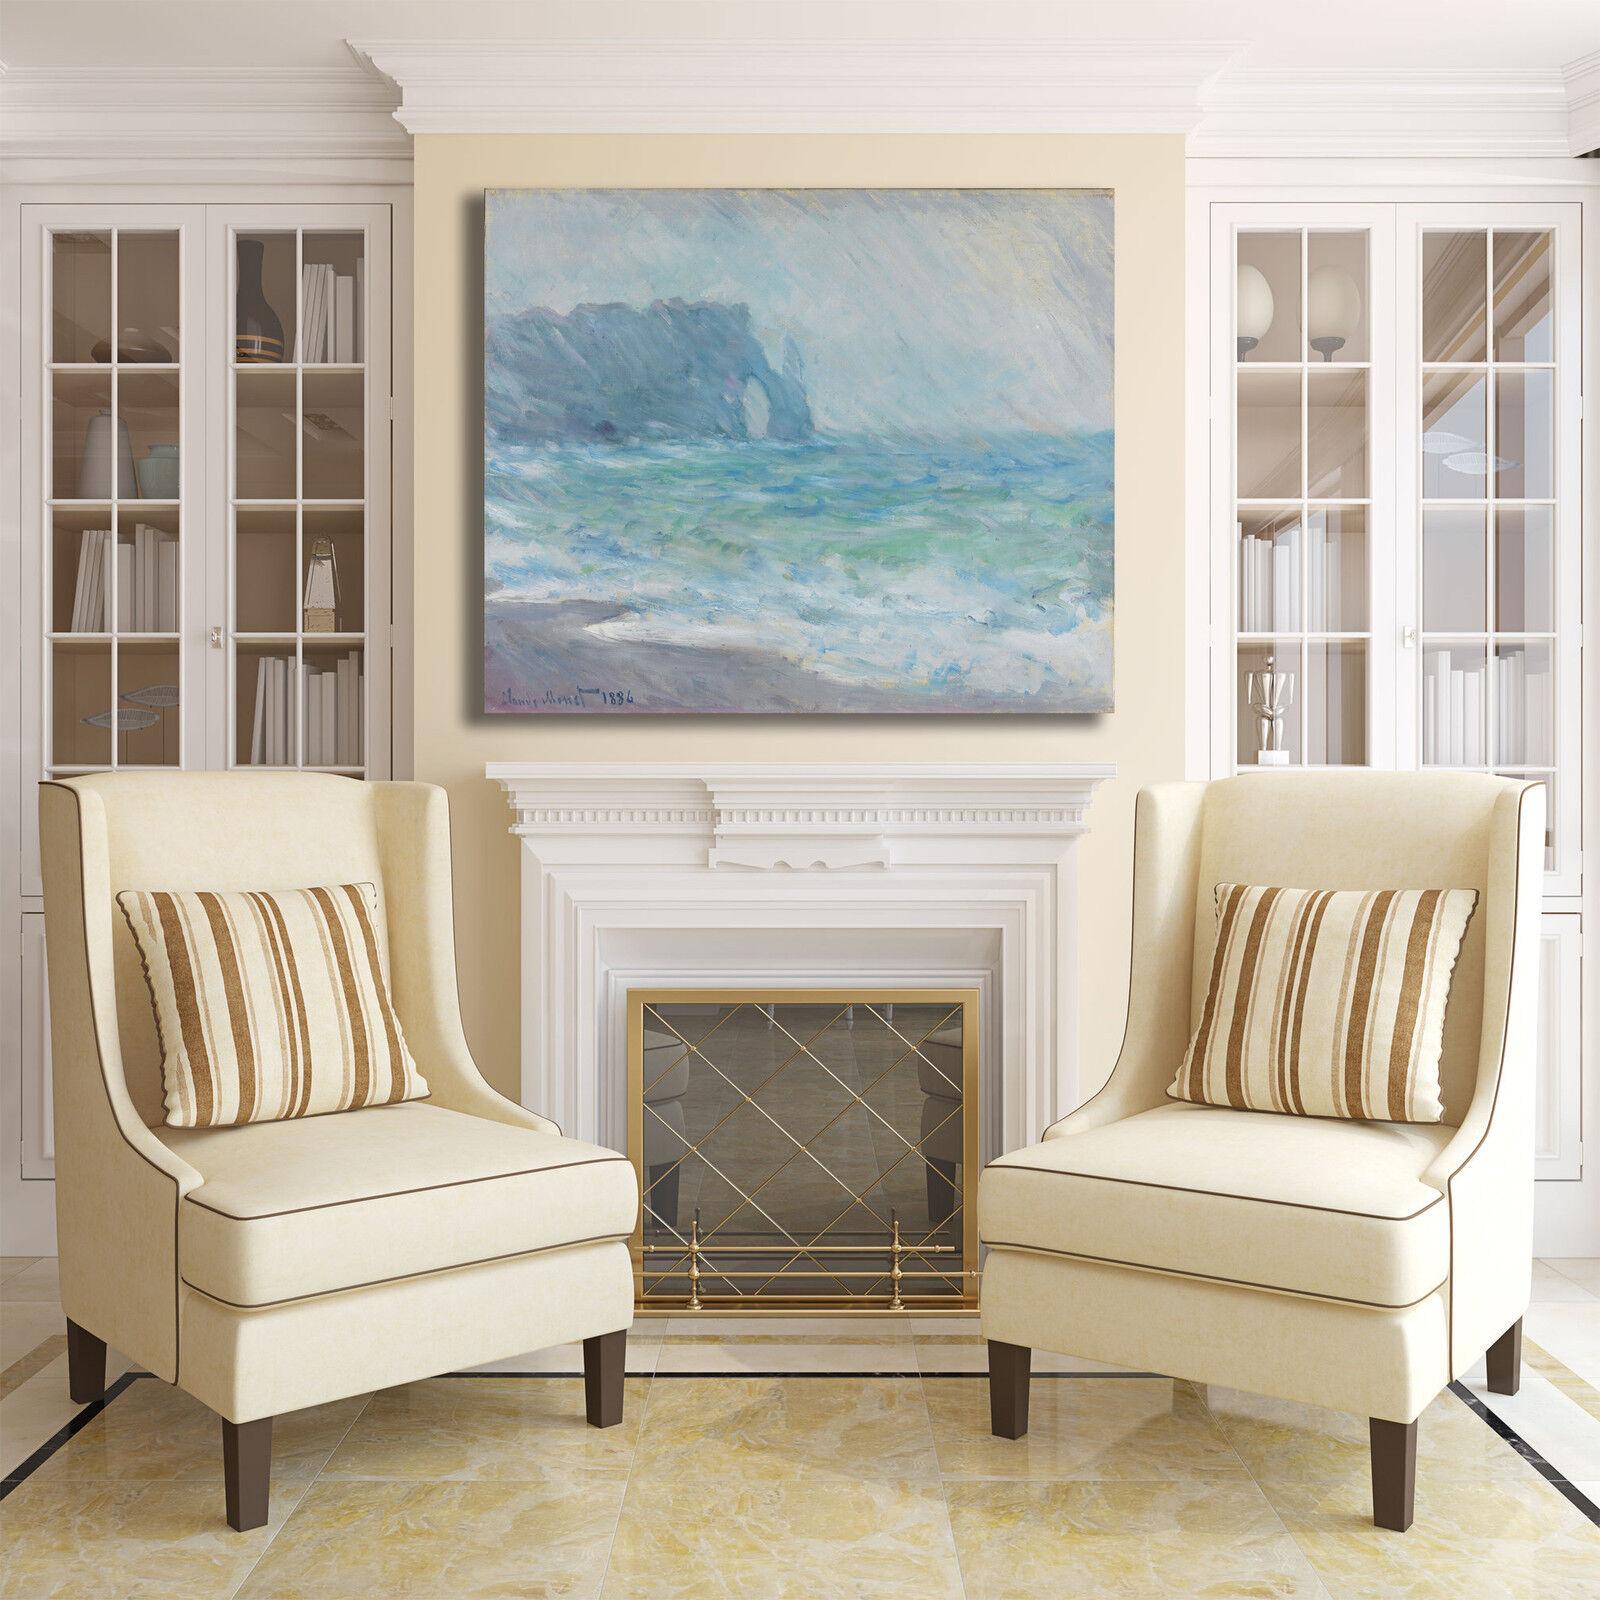 Monet Etretat design quadro stampa tela dipinto dipinto dipinto telaio arrossoo casa eb5fa7